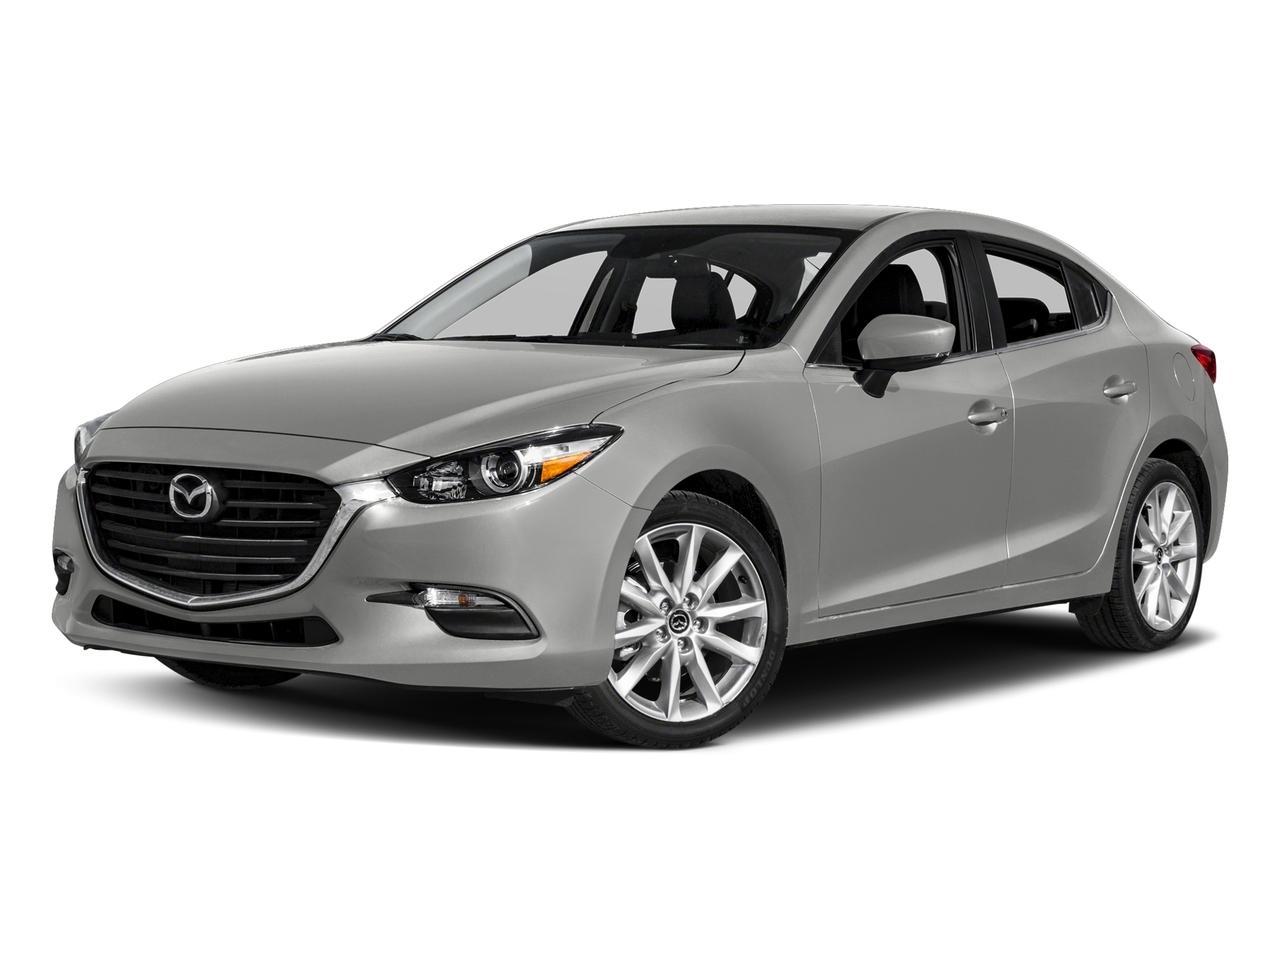 2017 Mazda Mazda3 4-Door Vehicle Photo in Appleton, WI 54913